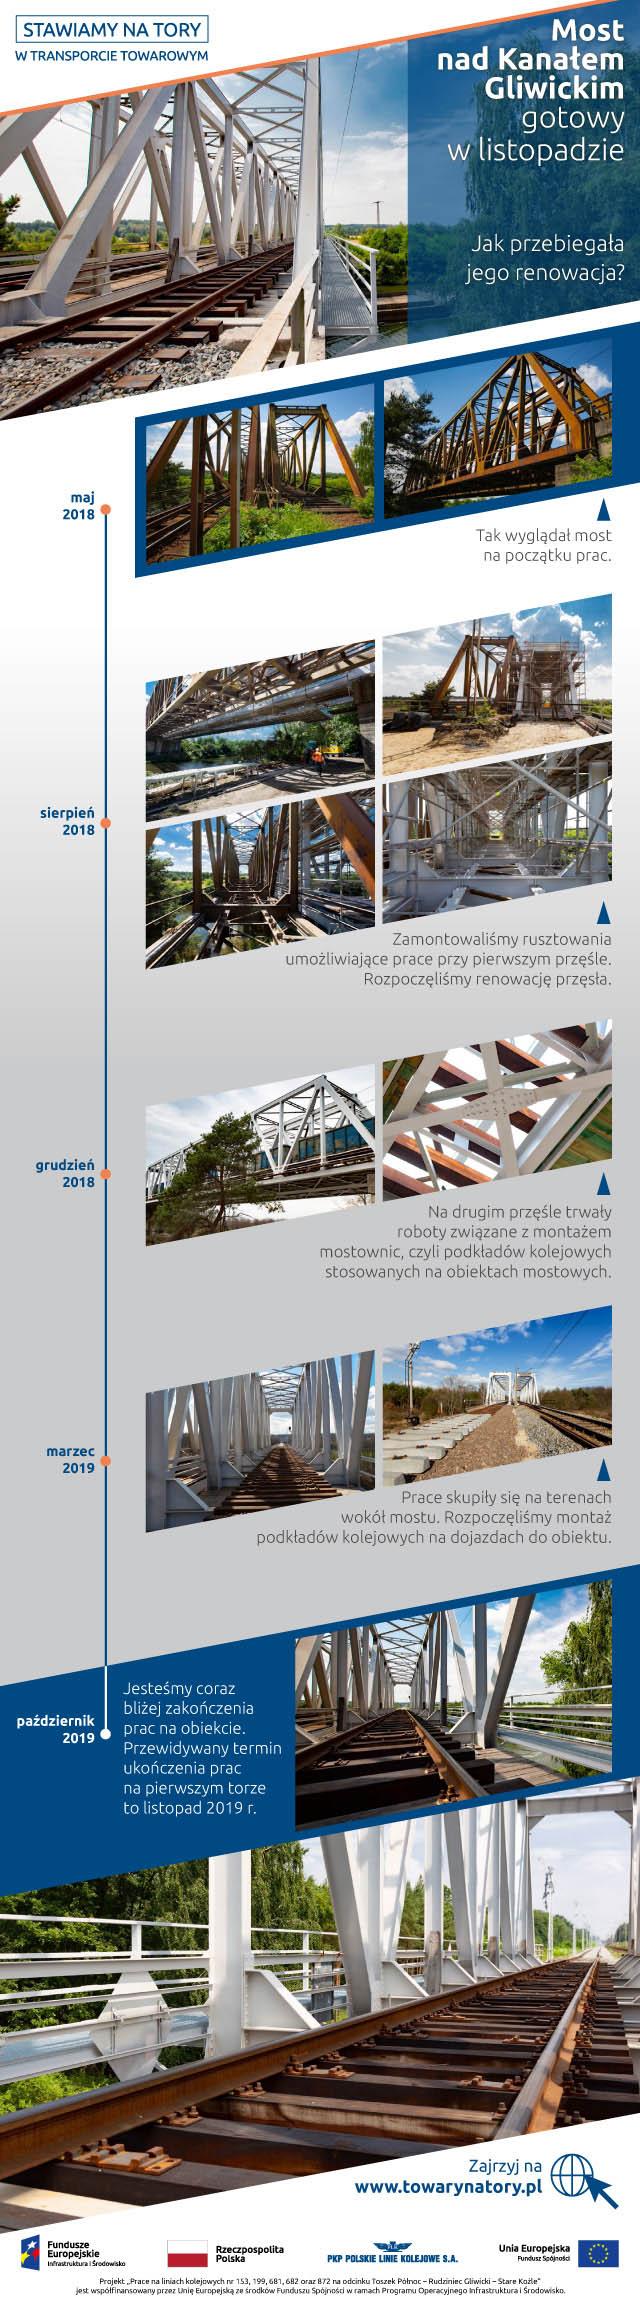 Infografika informująca o moście nad Kanałem Gliwickim, przed i po modernizacji. Zdjęcia z różnych etapów modernizacji: maj 2018, sierpień 2018, grudzień 2018, marzec 2019, październik 2019.